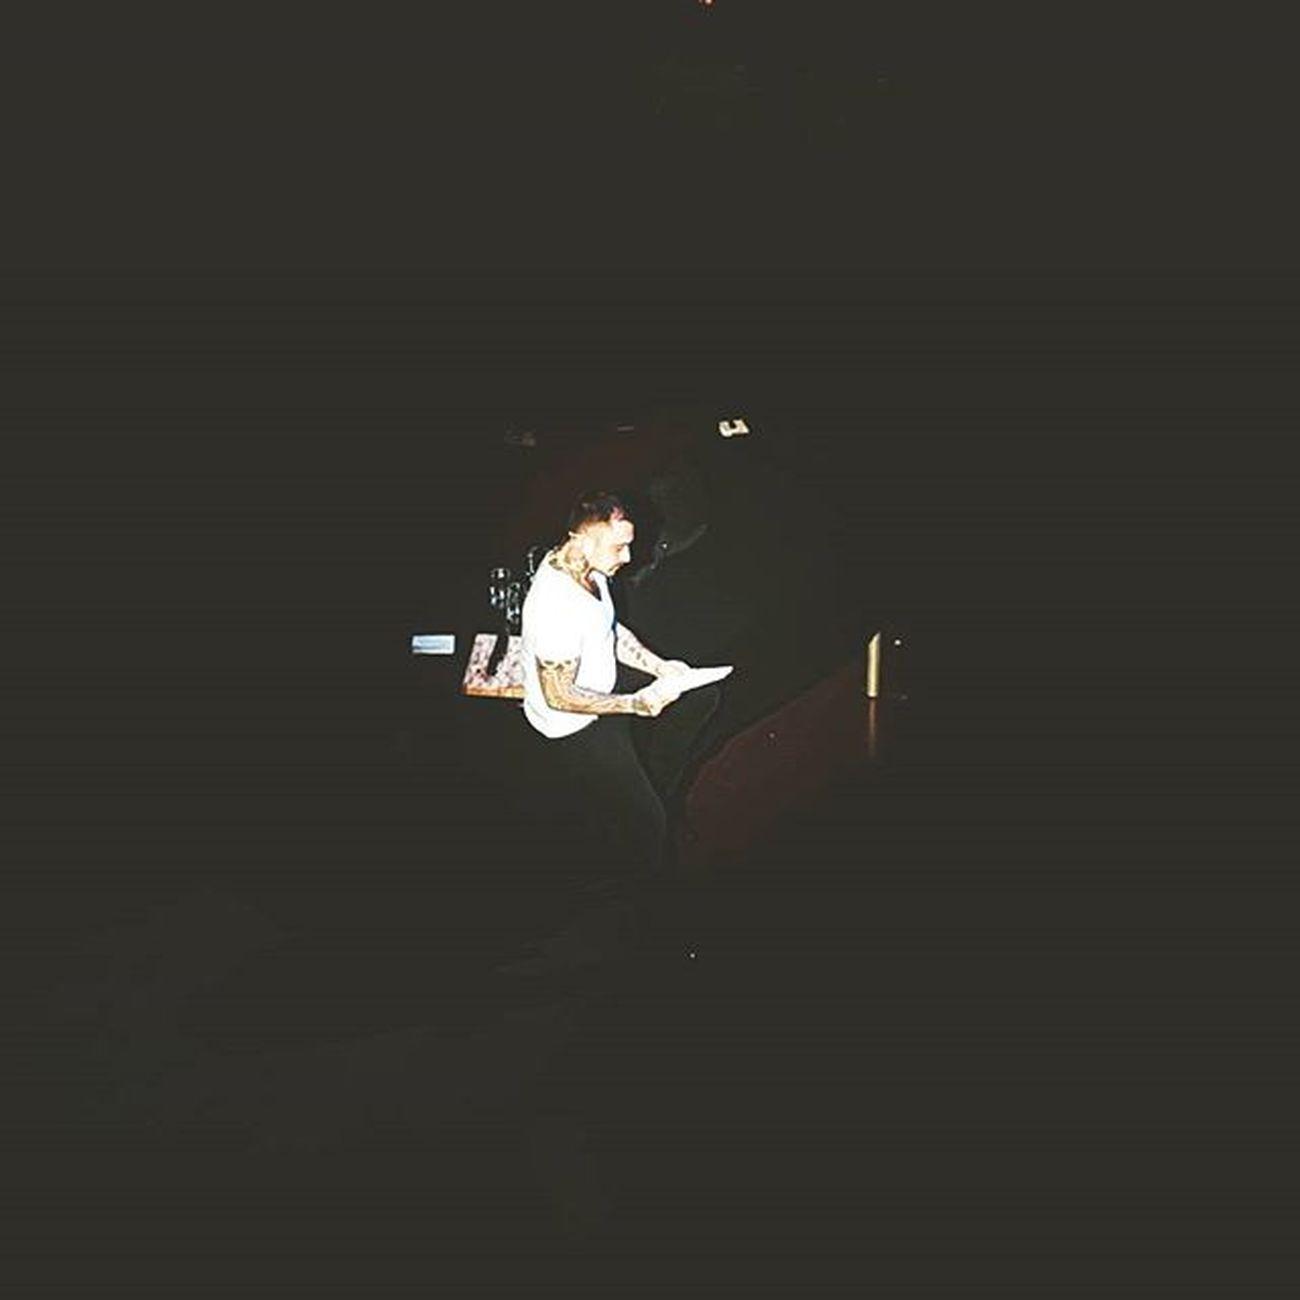 Chef Rubio per il Gioco del Lotto. Teatro Petruzzelli 29.02.16 Chefrubio Teatropetruzzelli Bari Lotto Quantoseibello Monólogo Rubioabari Giosada Teatro